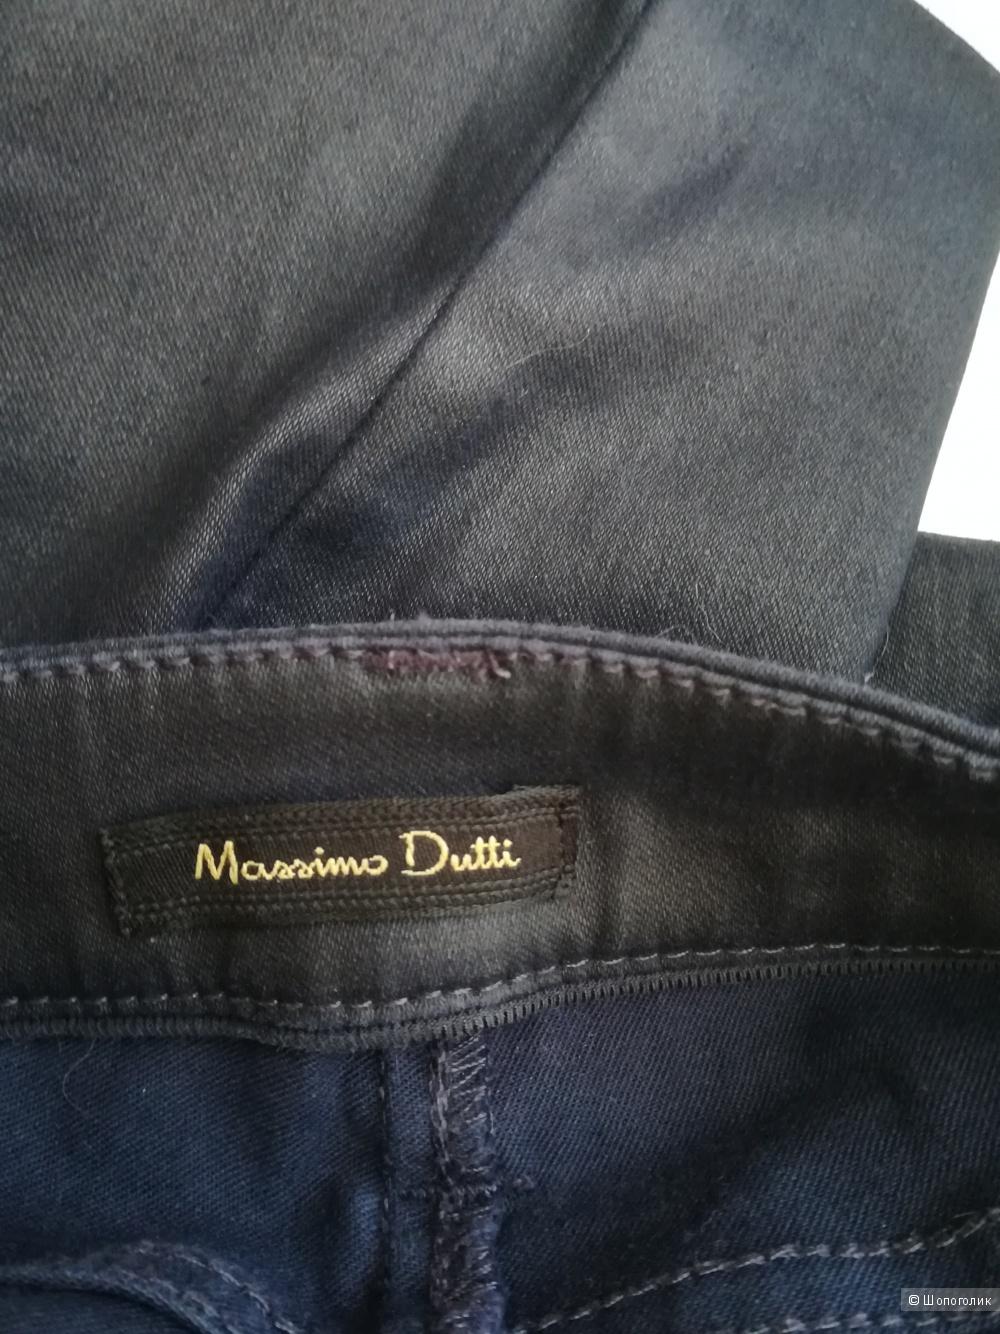 Джинсы Massimo dutti, размер 26/27